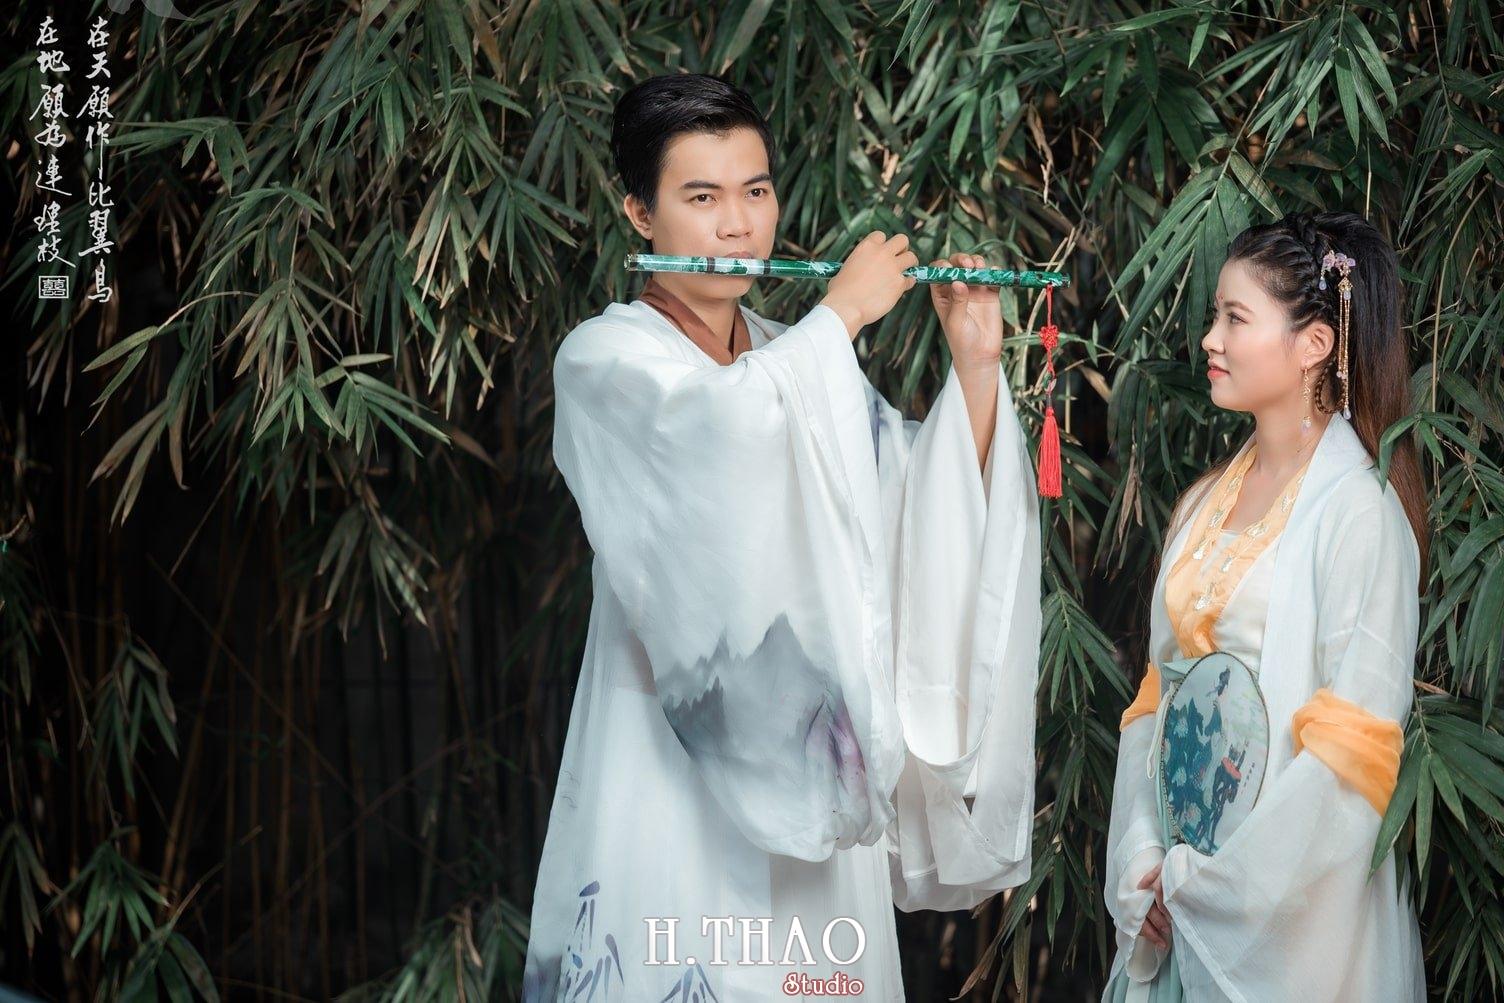 Couple co trang 1 - Album ảnh chụp cổ trang couple đôi bạn đẹp độc lạ - HThao Studio